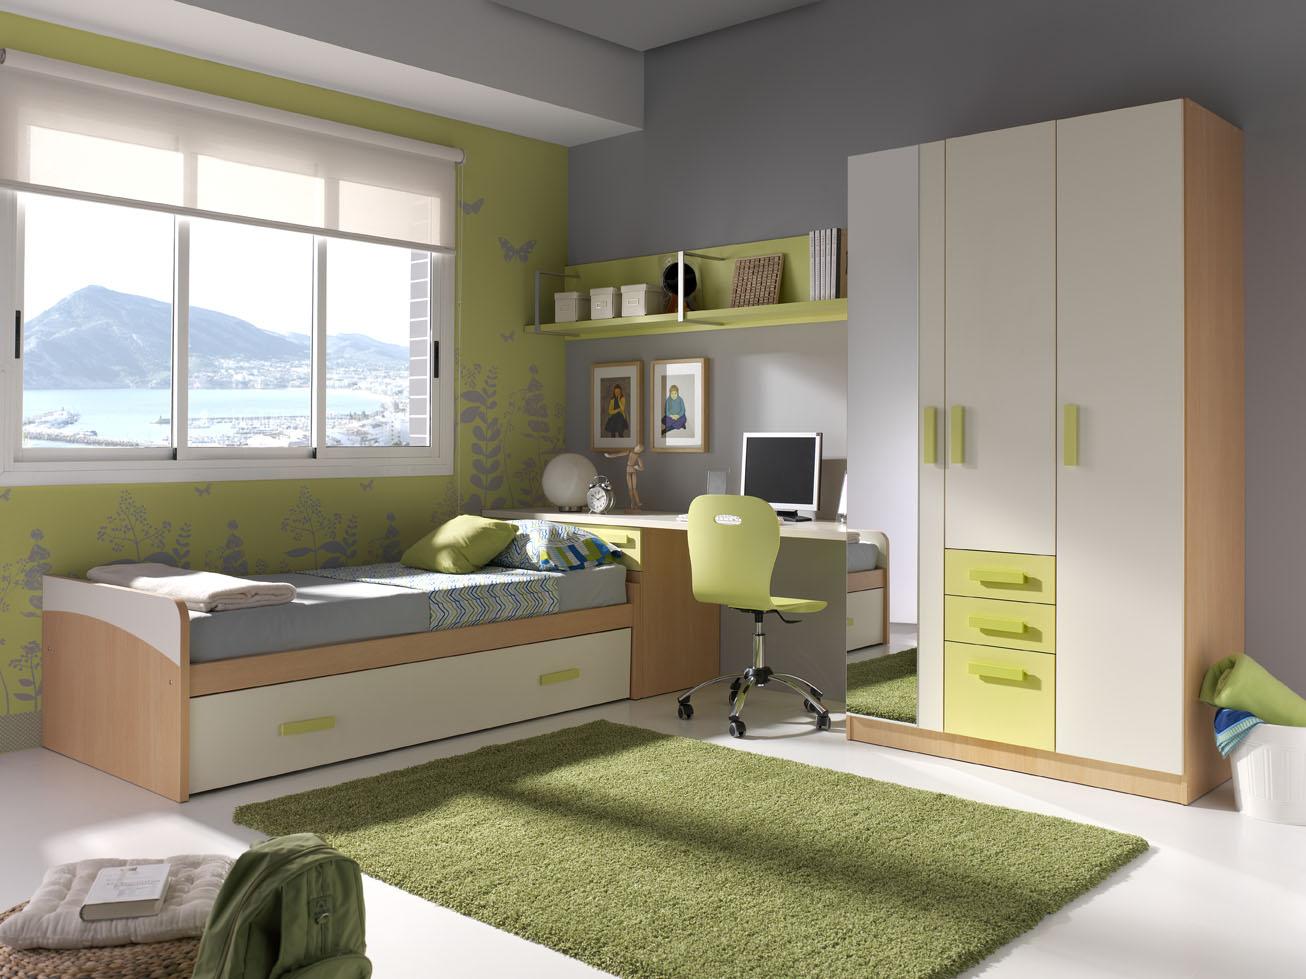 Muebles gris con verde 20170830120915 - Dormitorio verde ...